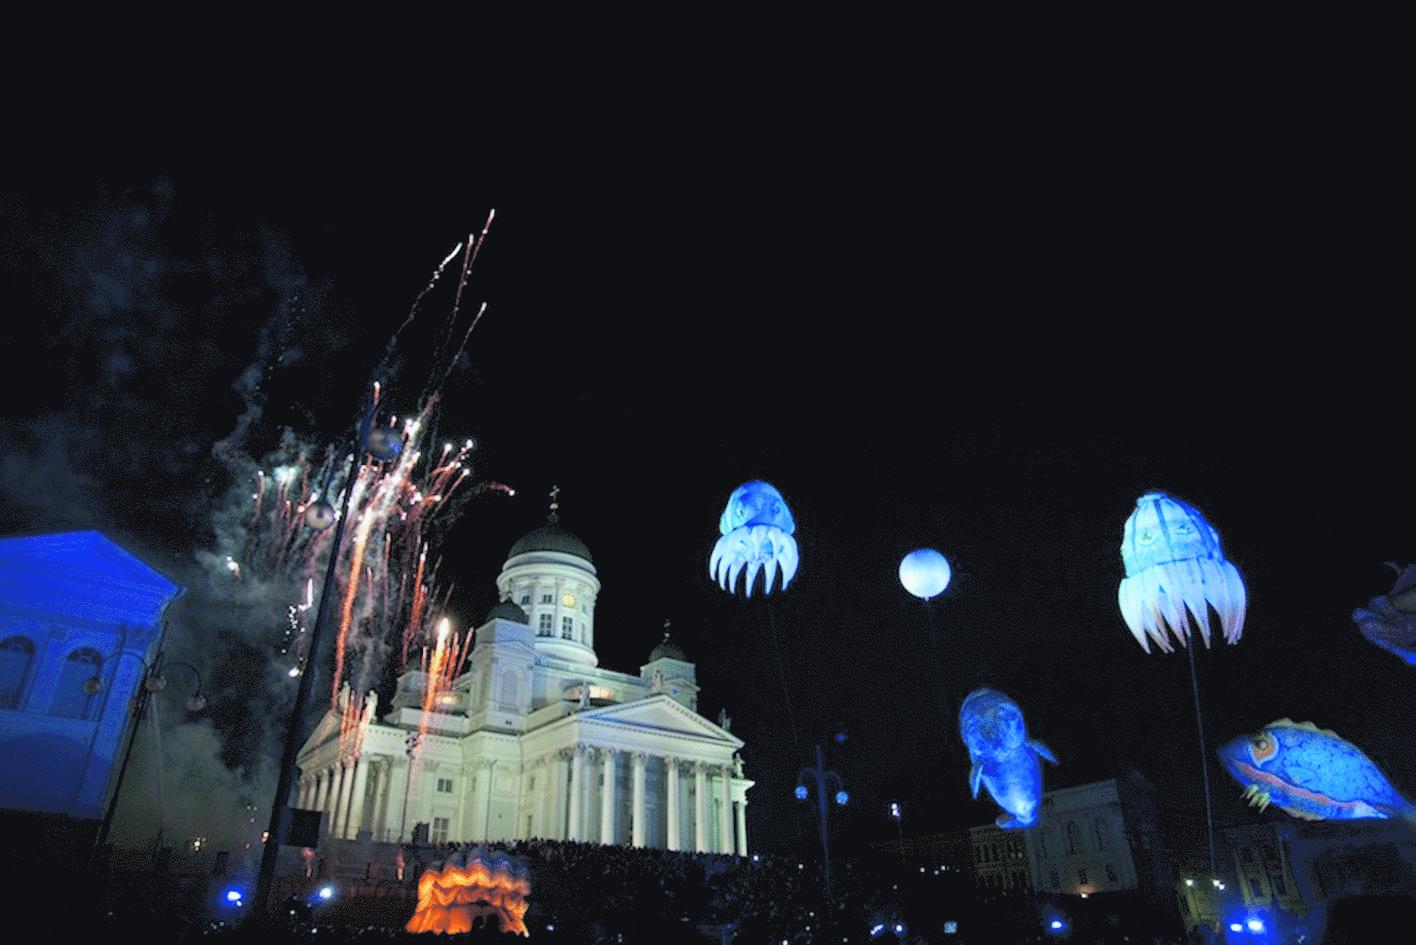 SasaTkalcan, Visit Helsinki